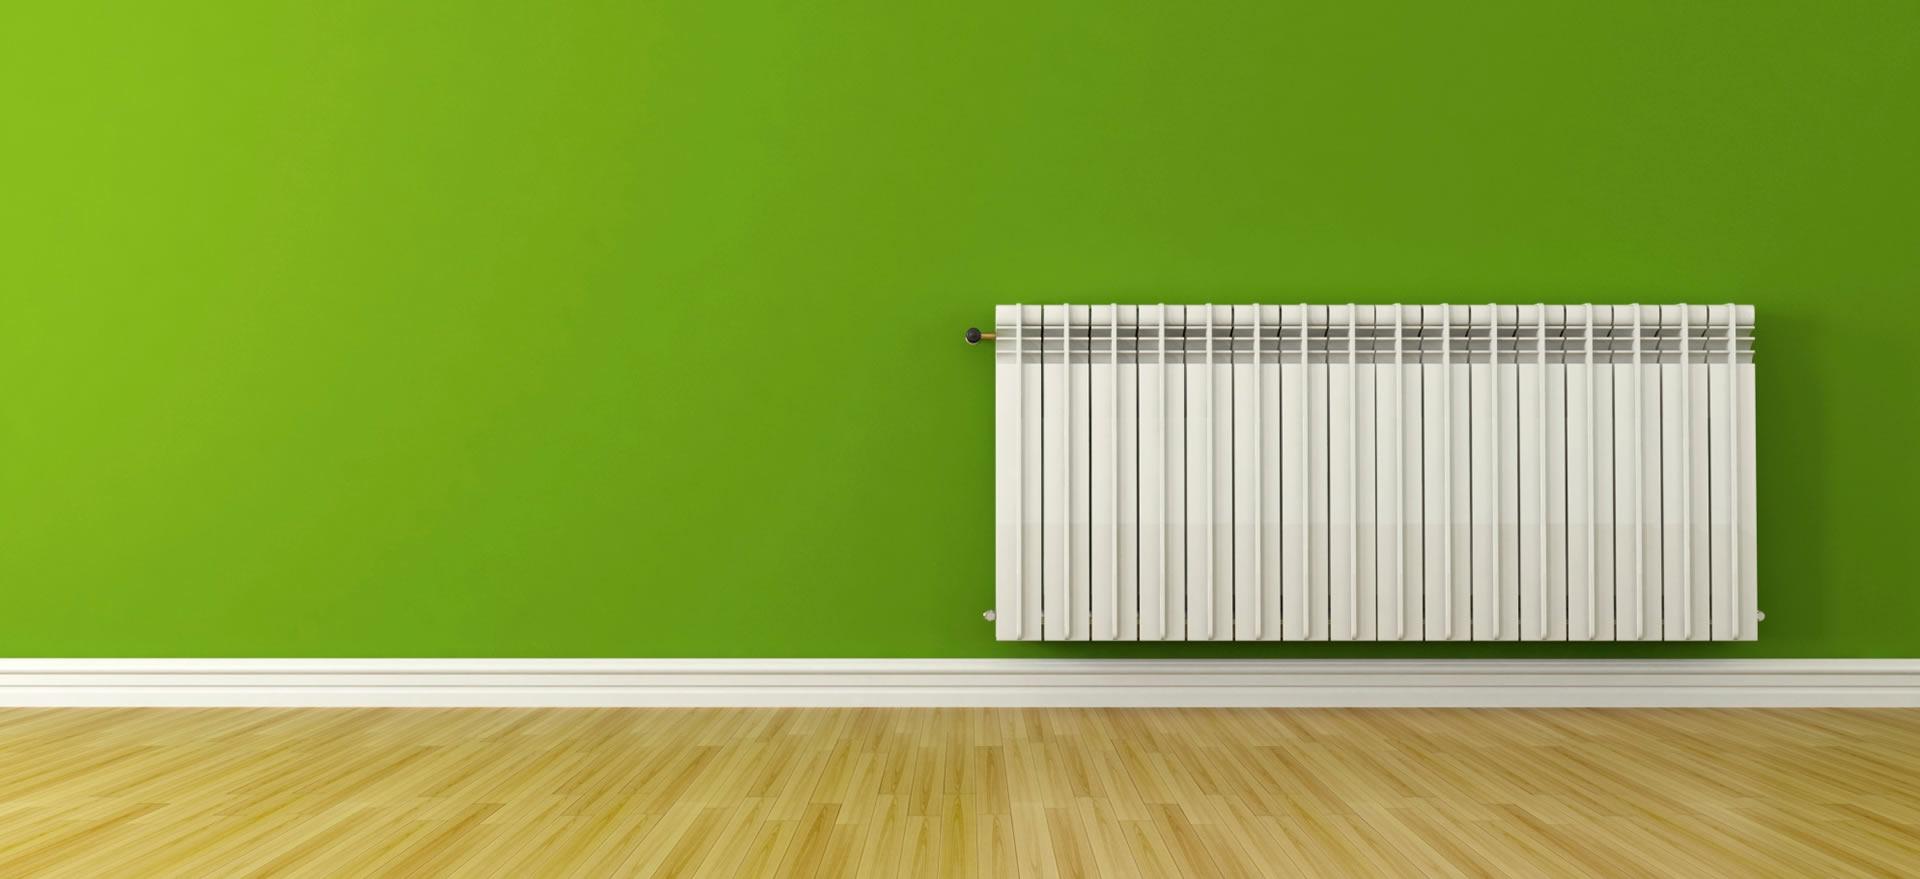 Valvole termostatiche, un grado in meno in casa porta ad un risparmio del 7%